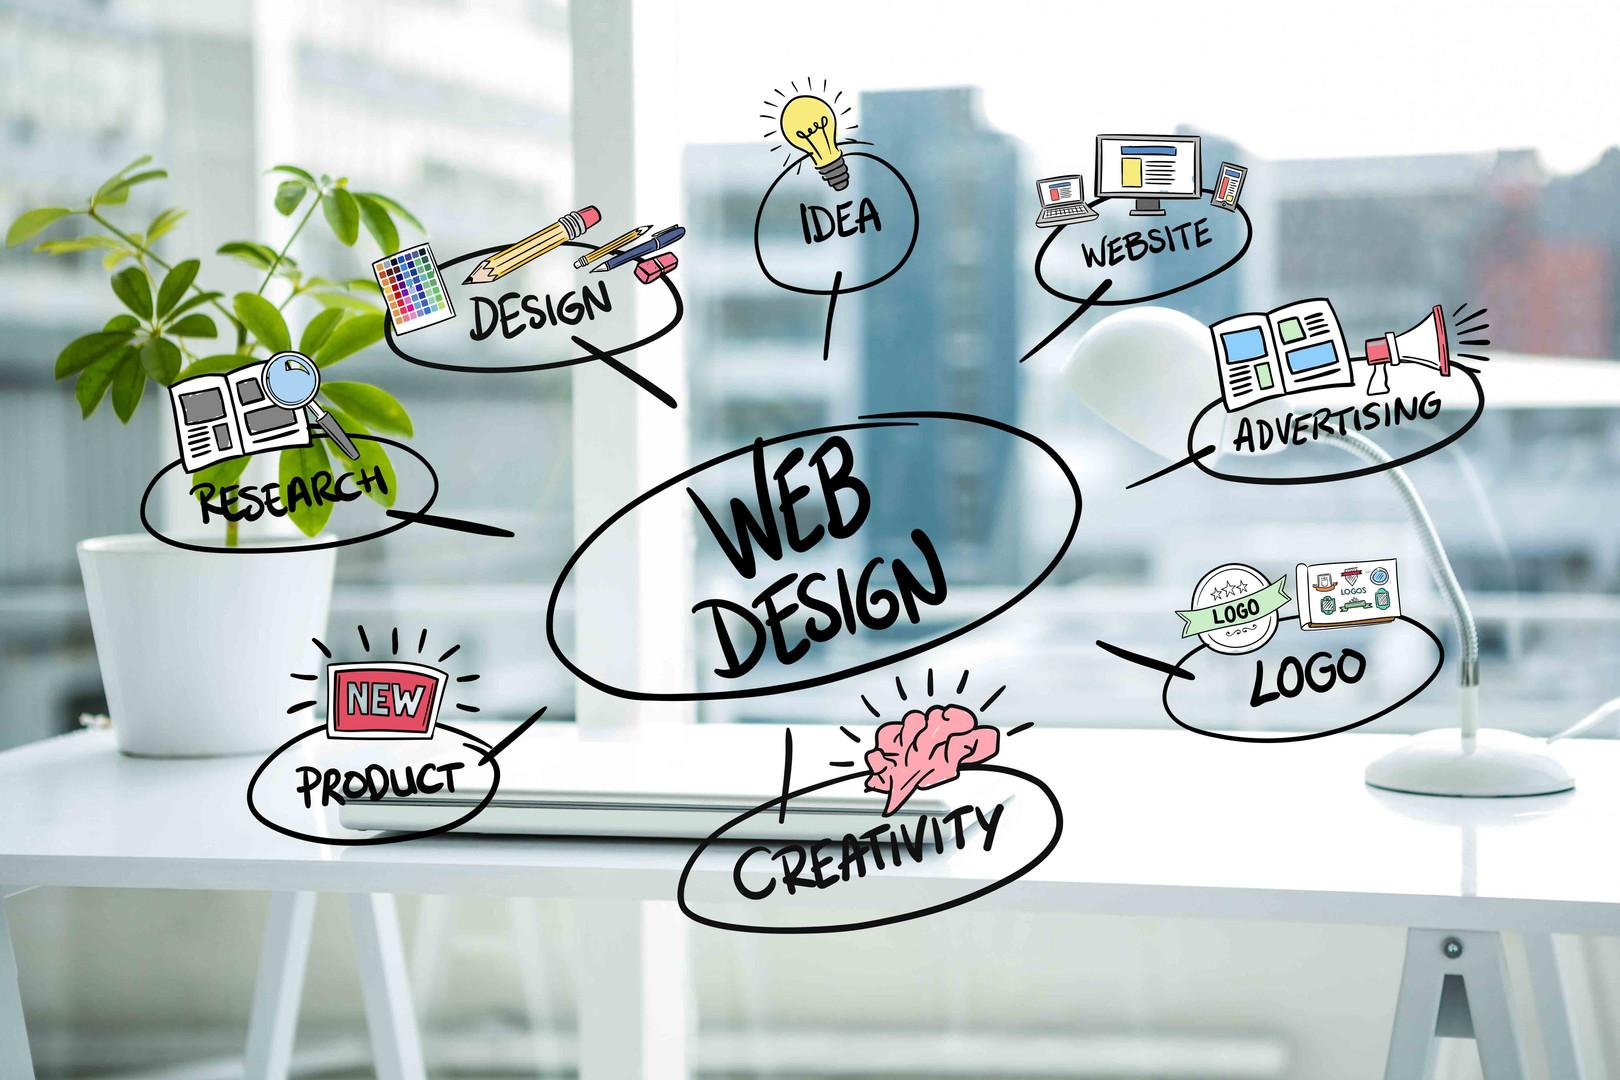 #webdesigning